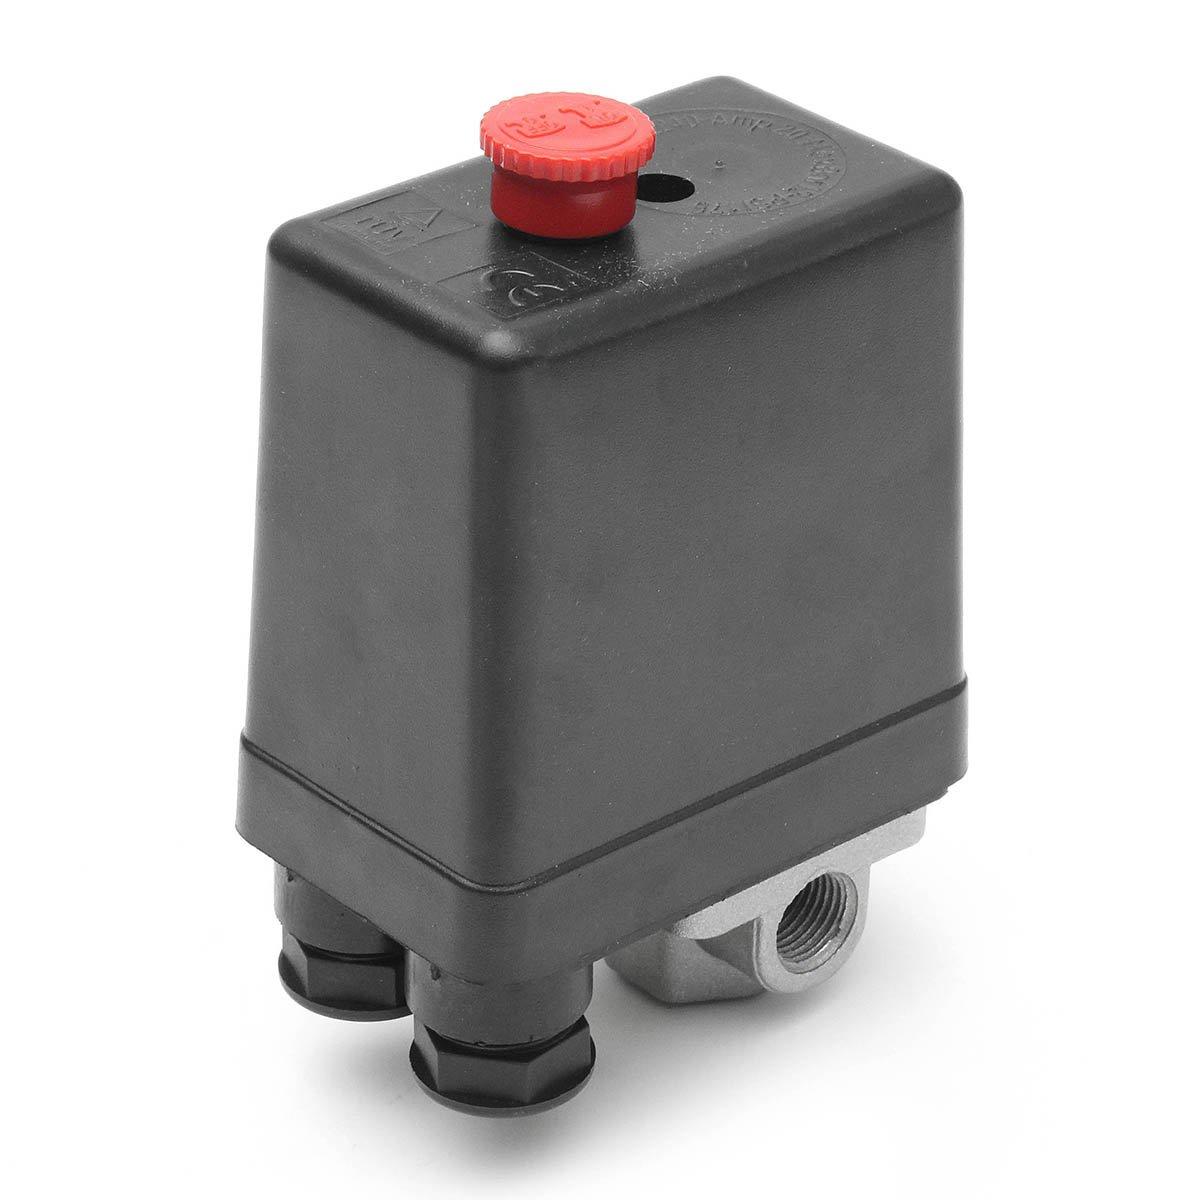 MASUNN 220V 1/4Inch Bsp 4 Puertos Compresor De Aire Monofásico Presostato con Manómetro De Válvula De Seguridad: Amazon.es: Hogar